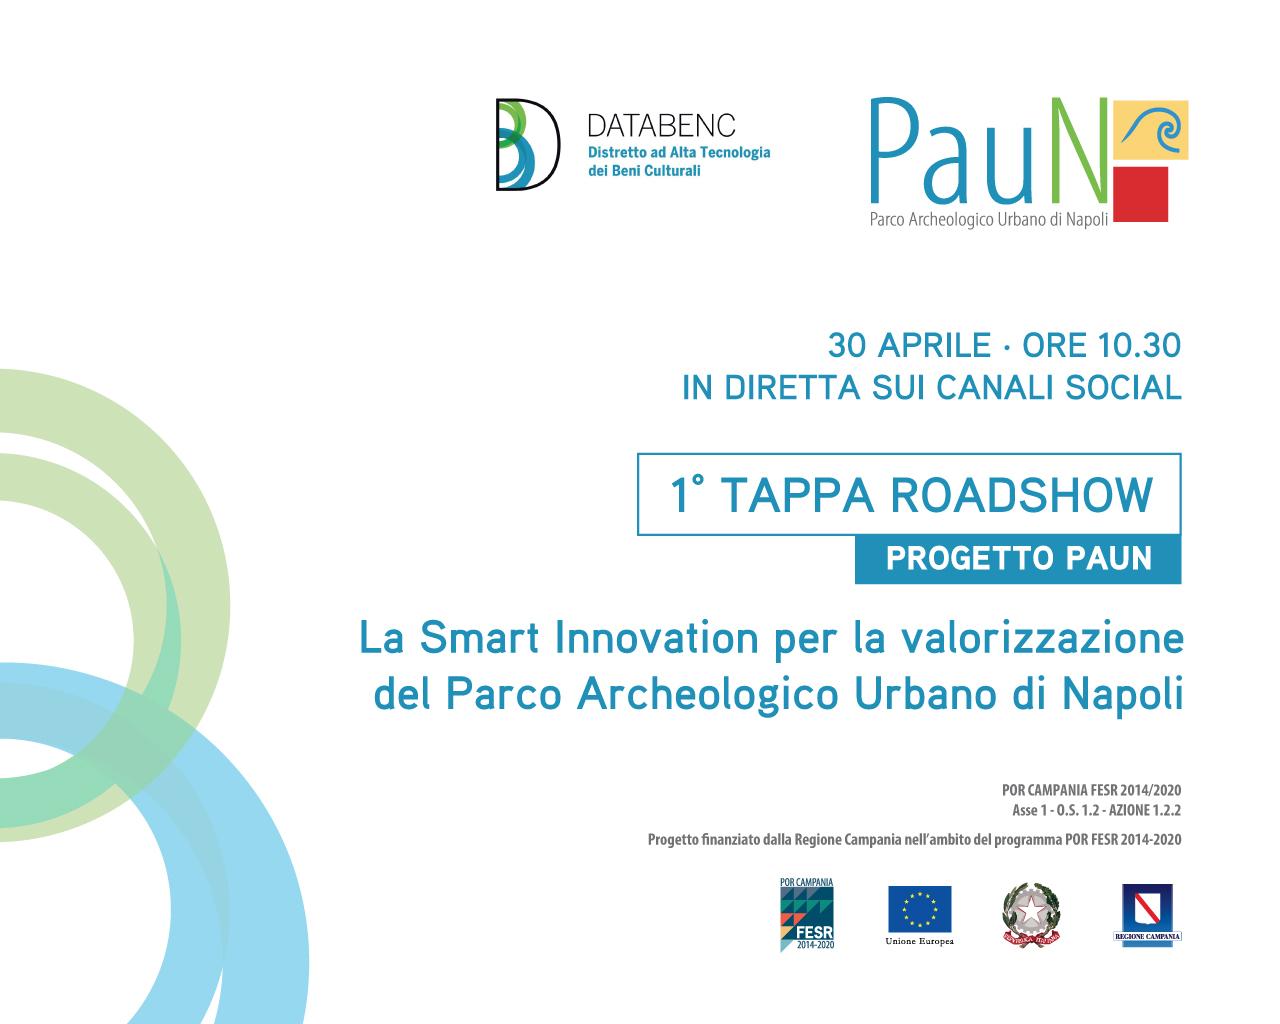 La Smart Innovation per la valorizzazione del Parco Archeologico Urbano di Napoli